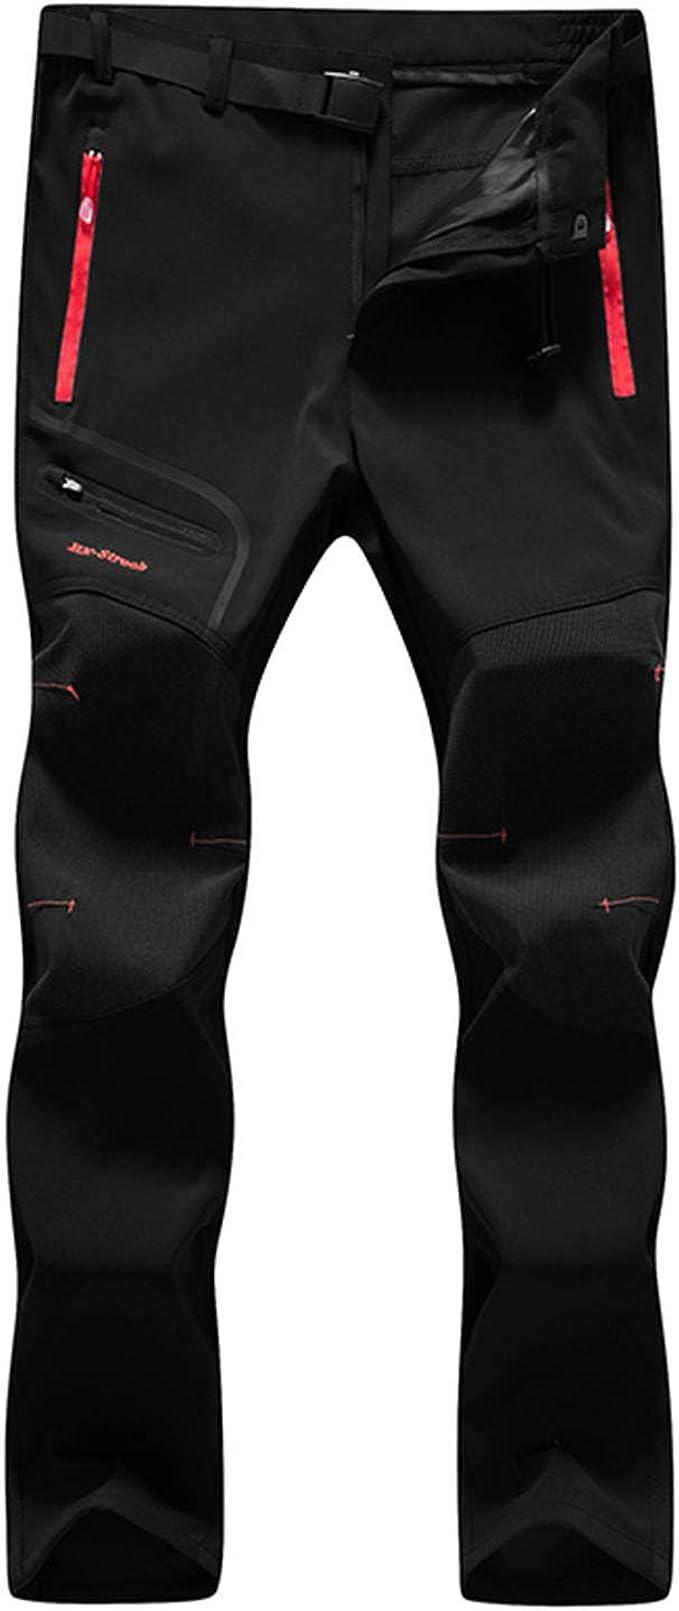 7VSTOHS Pantalones de Senderismo para Hombres Transpirable Ligero Ropa de Deporte Pantalones Deportivos cómodos Escalada Correr Montar Caminar ...